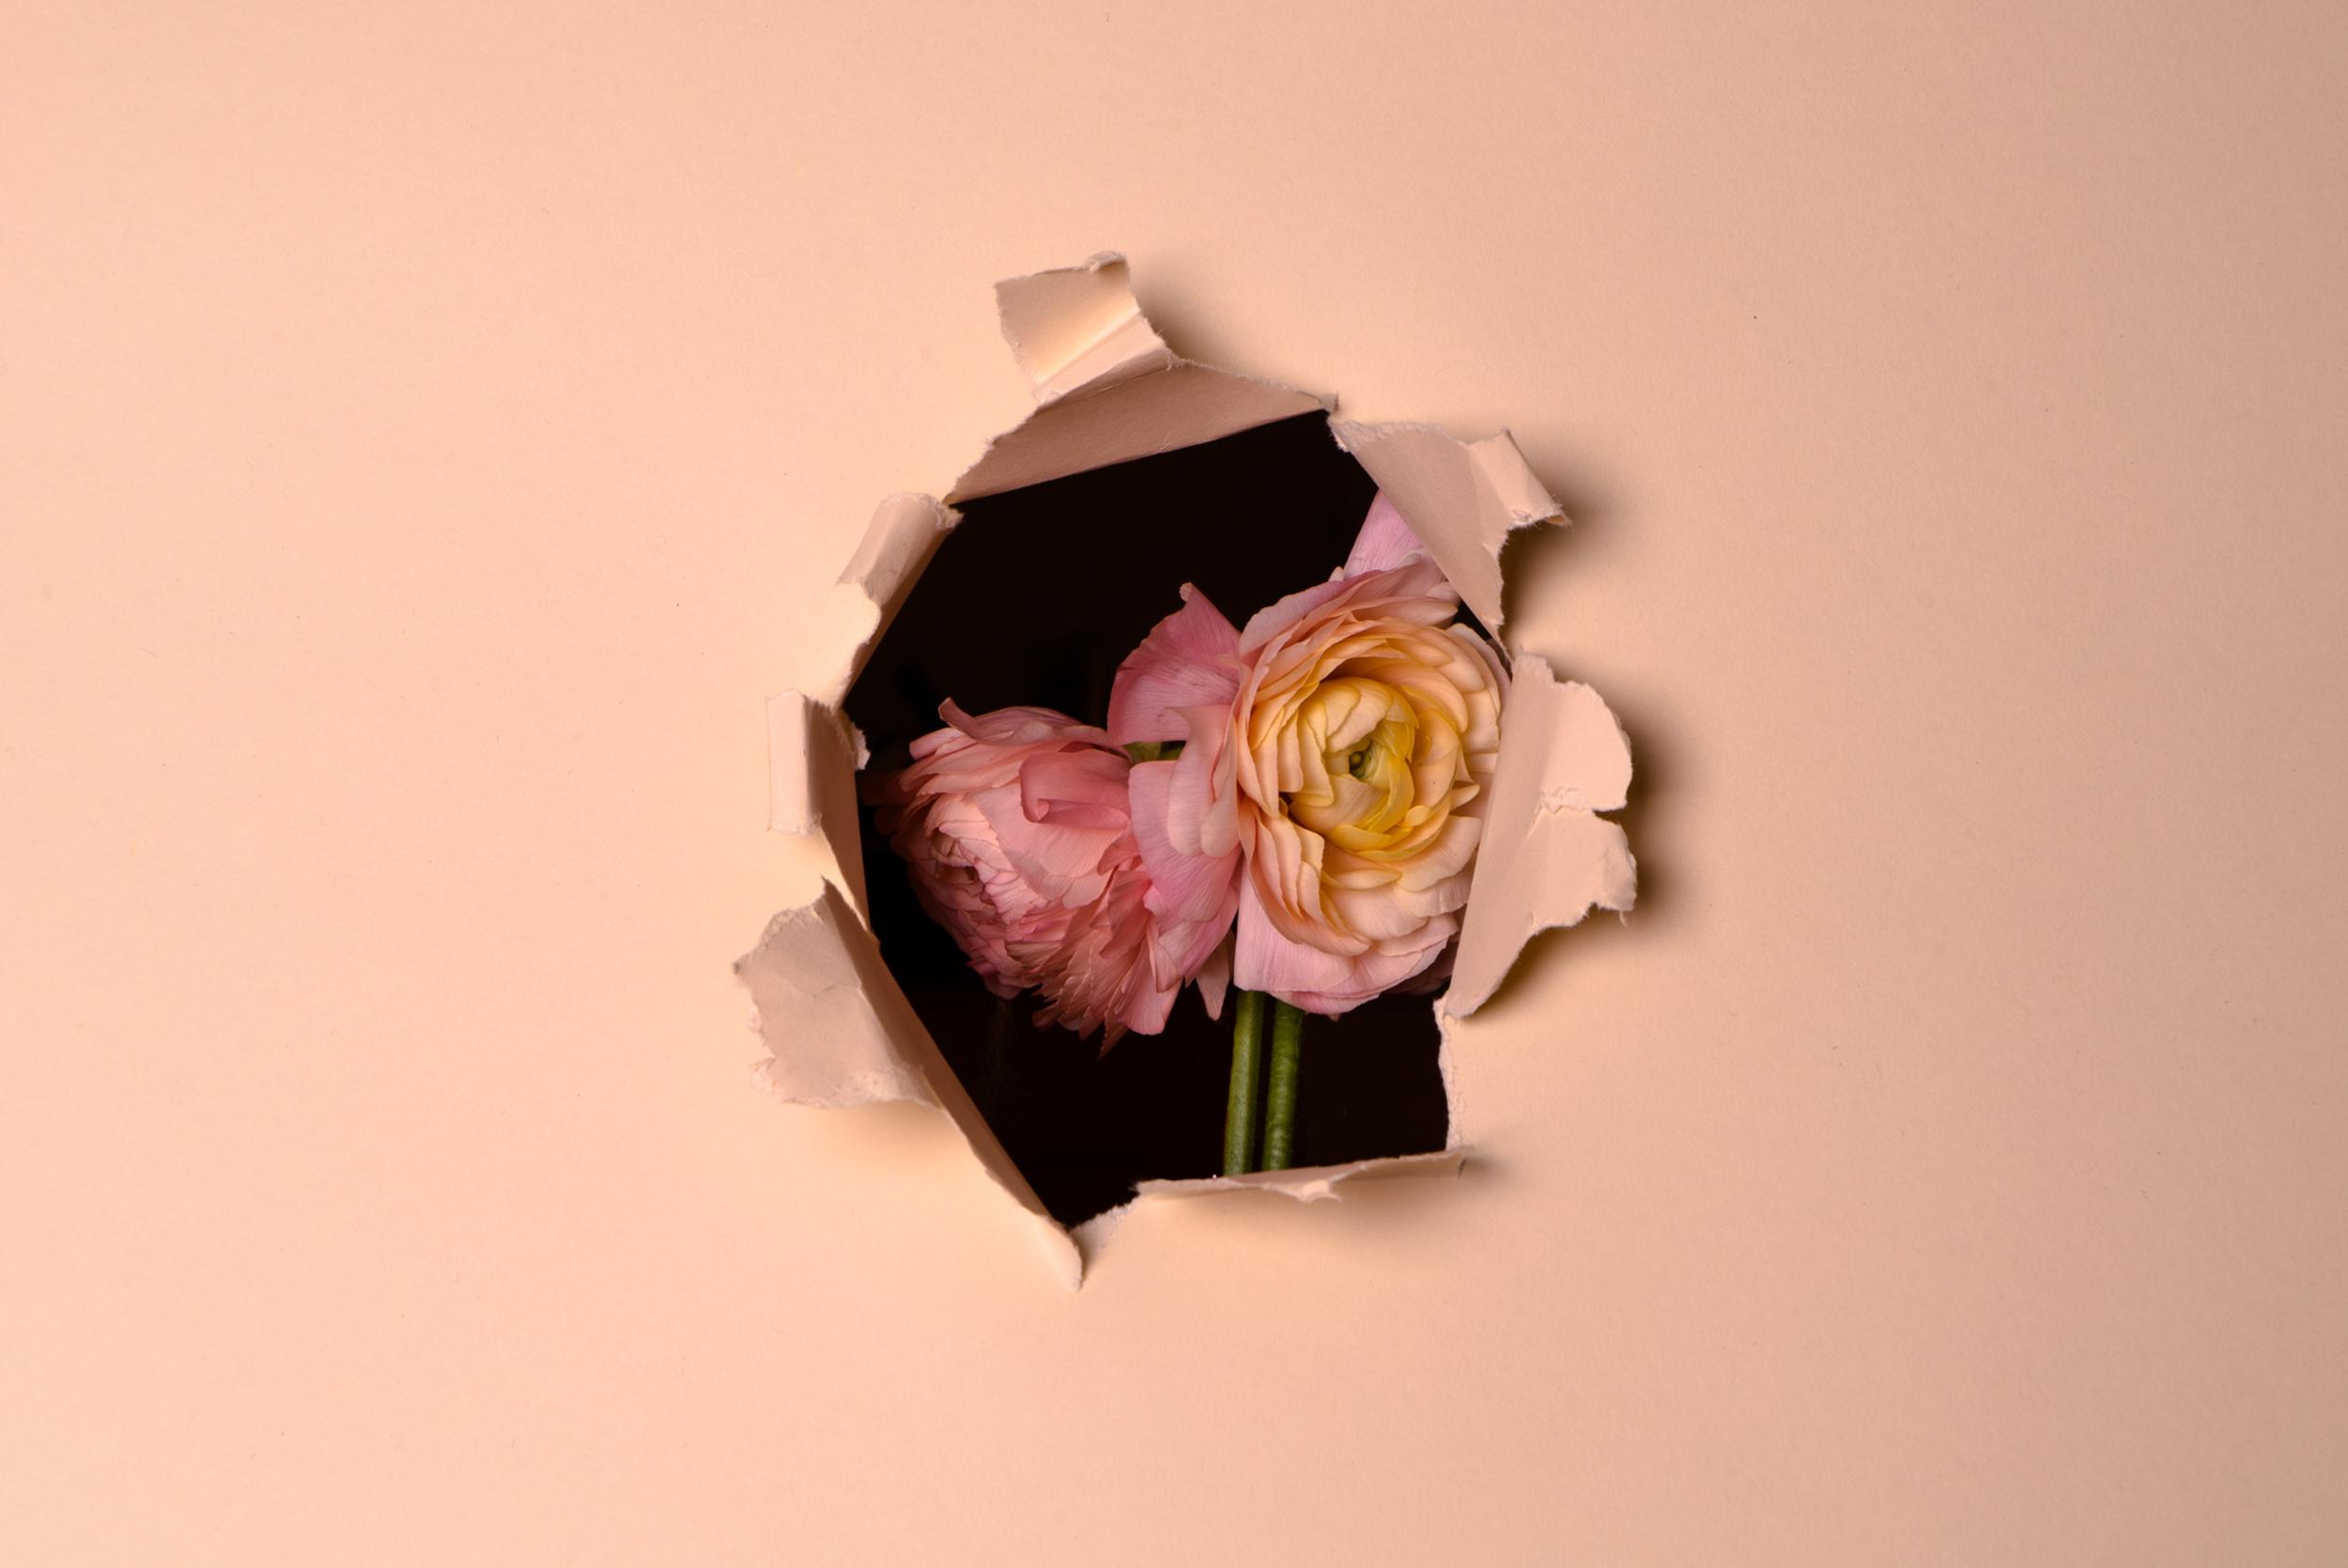 vasili-gavre-flowersbehind01.png